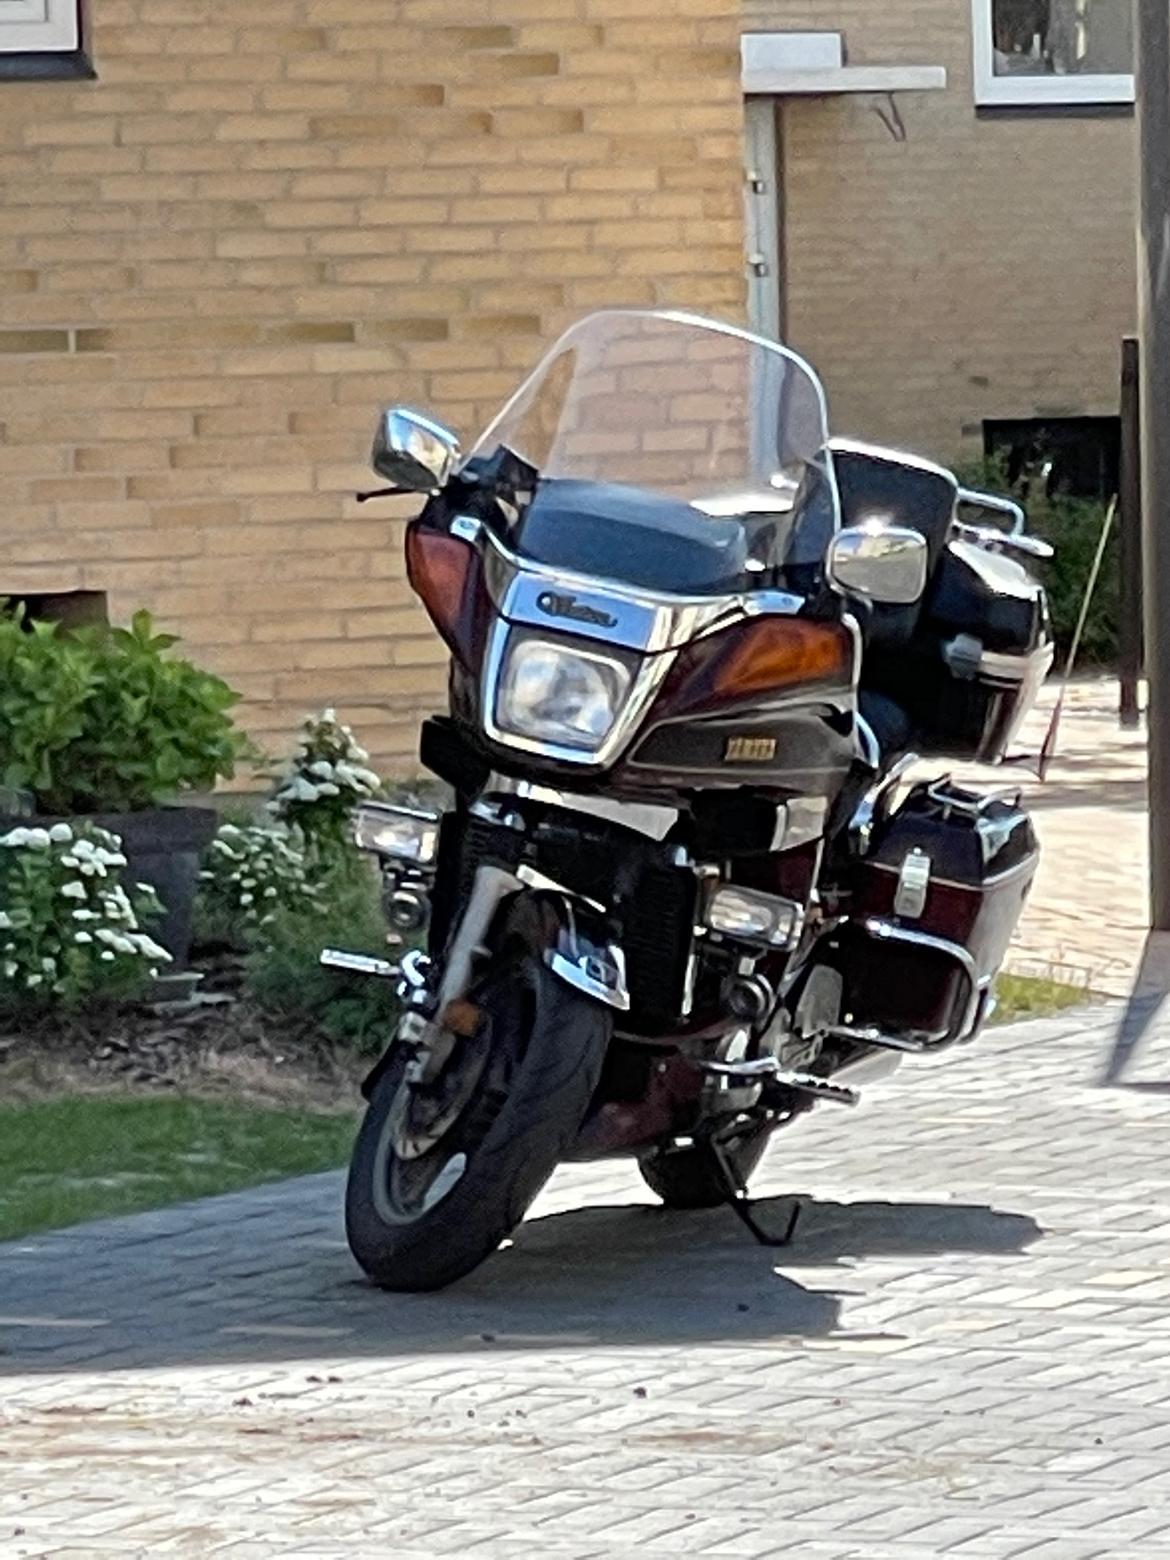 Yamaha xvz 1300 Venture Royale billede 4